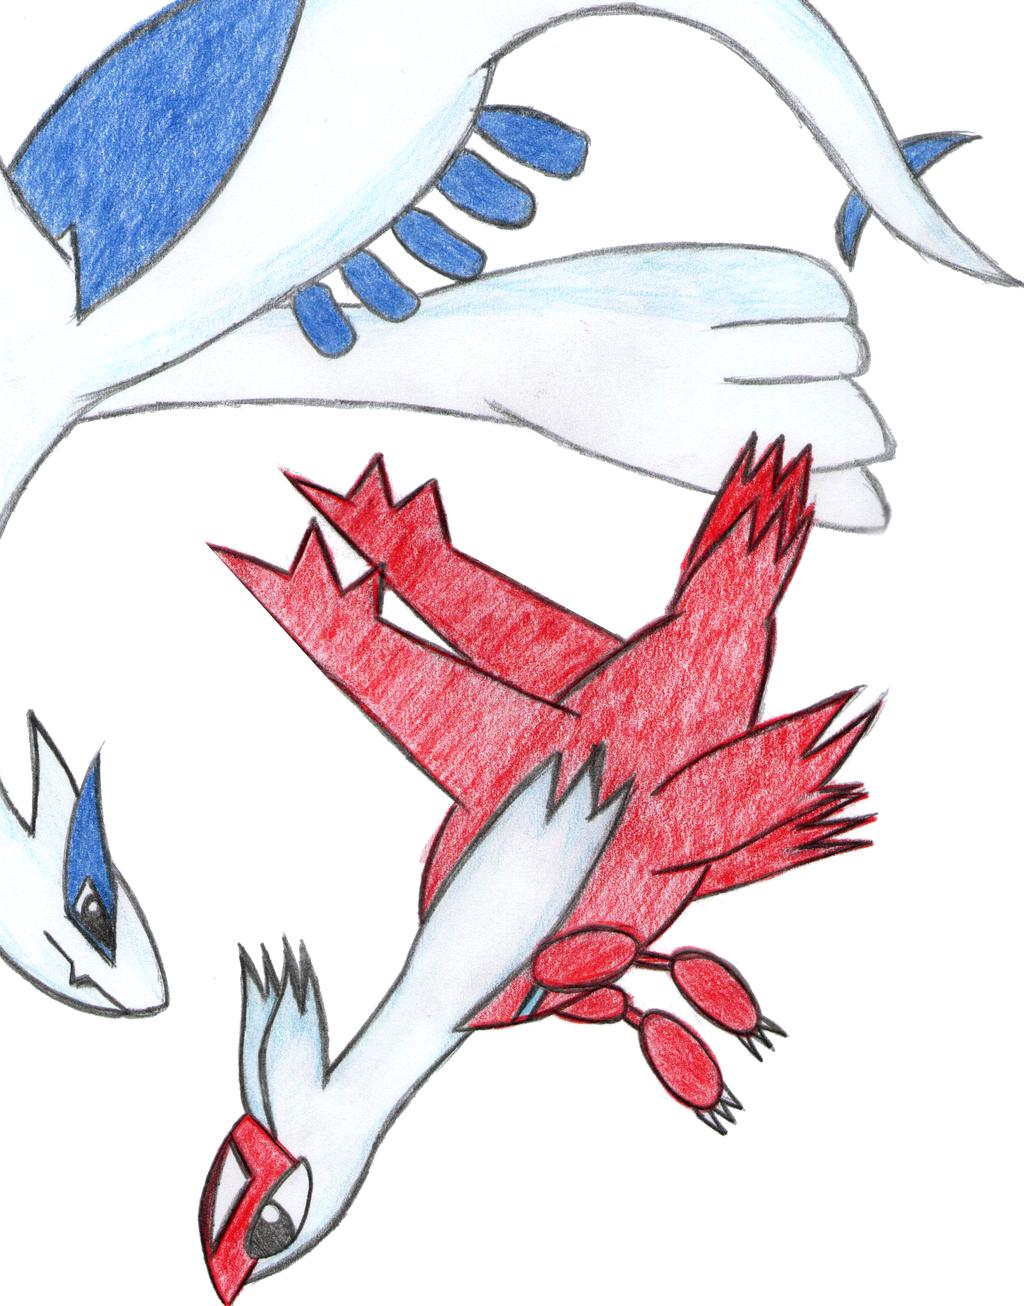 Pokemon Lugia Latias And Latios Human Images | Pokemon Images